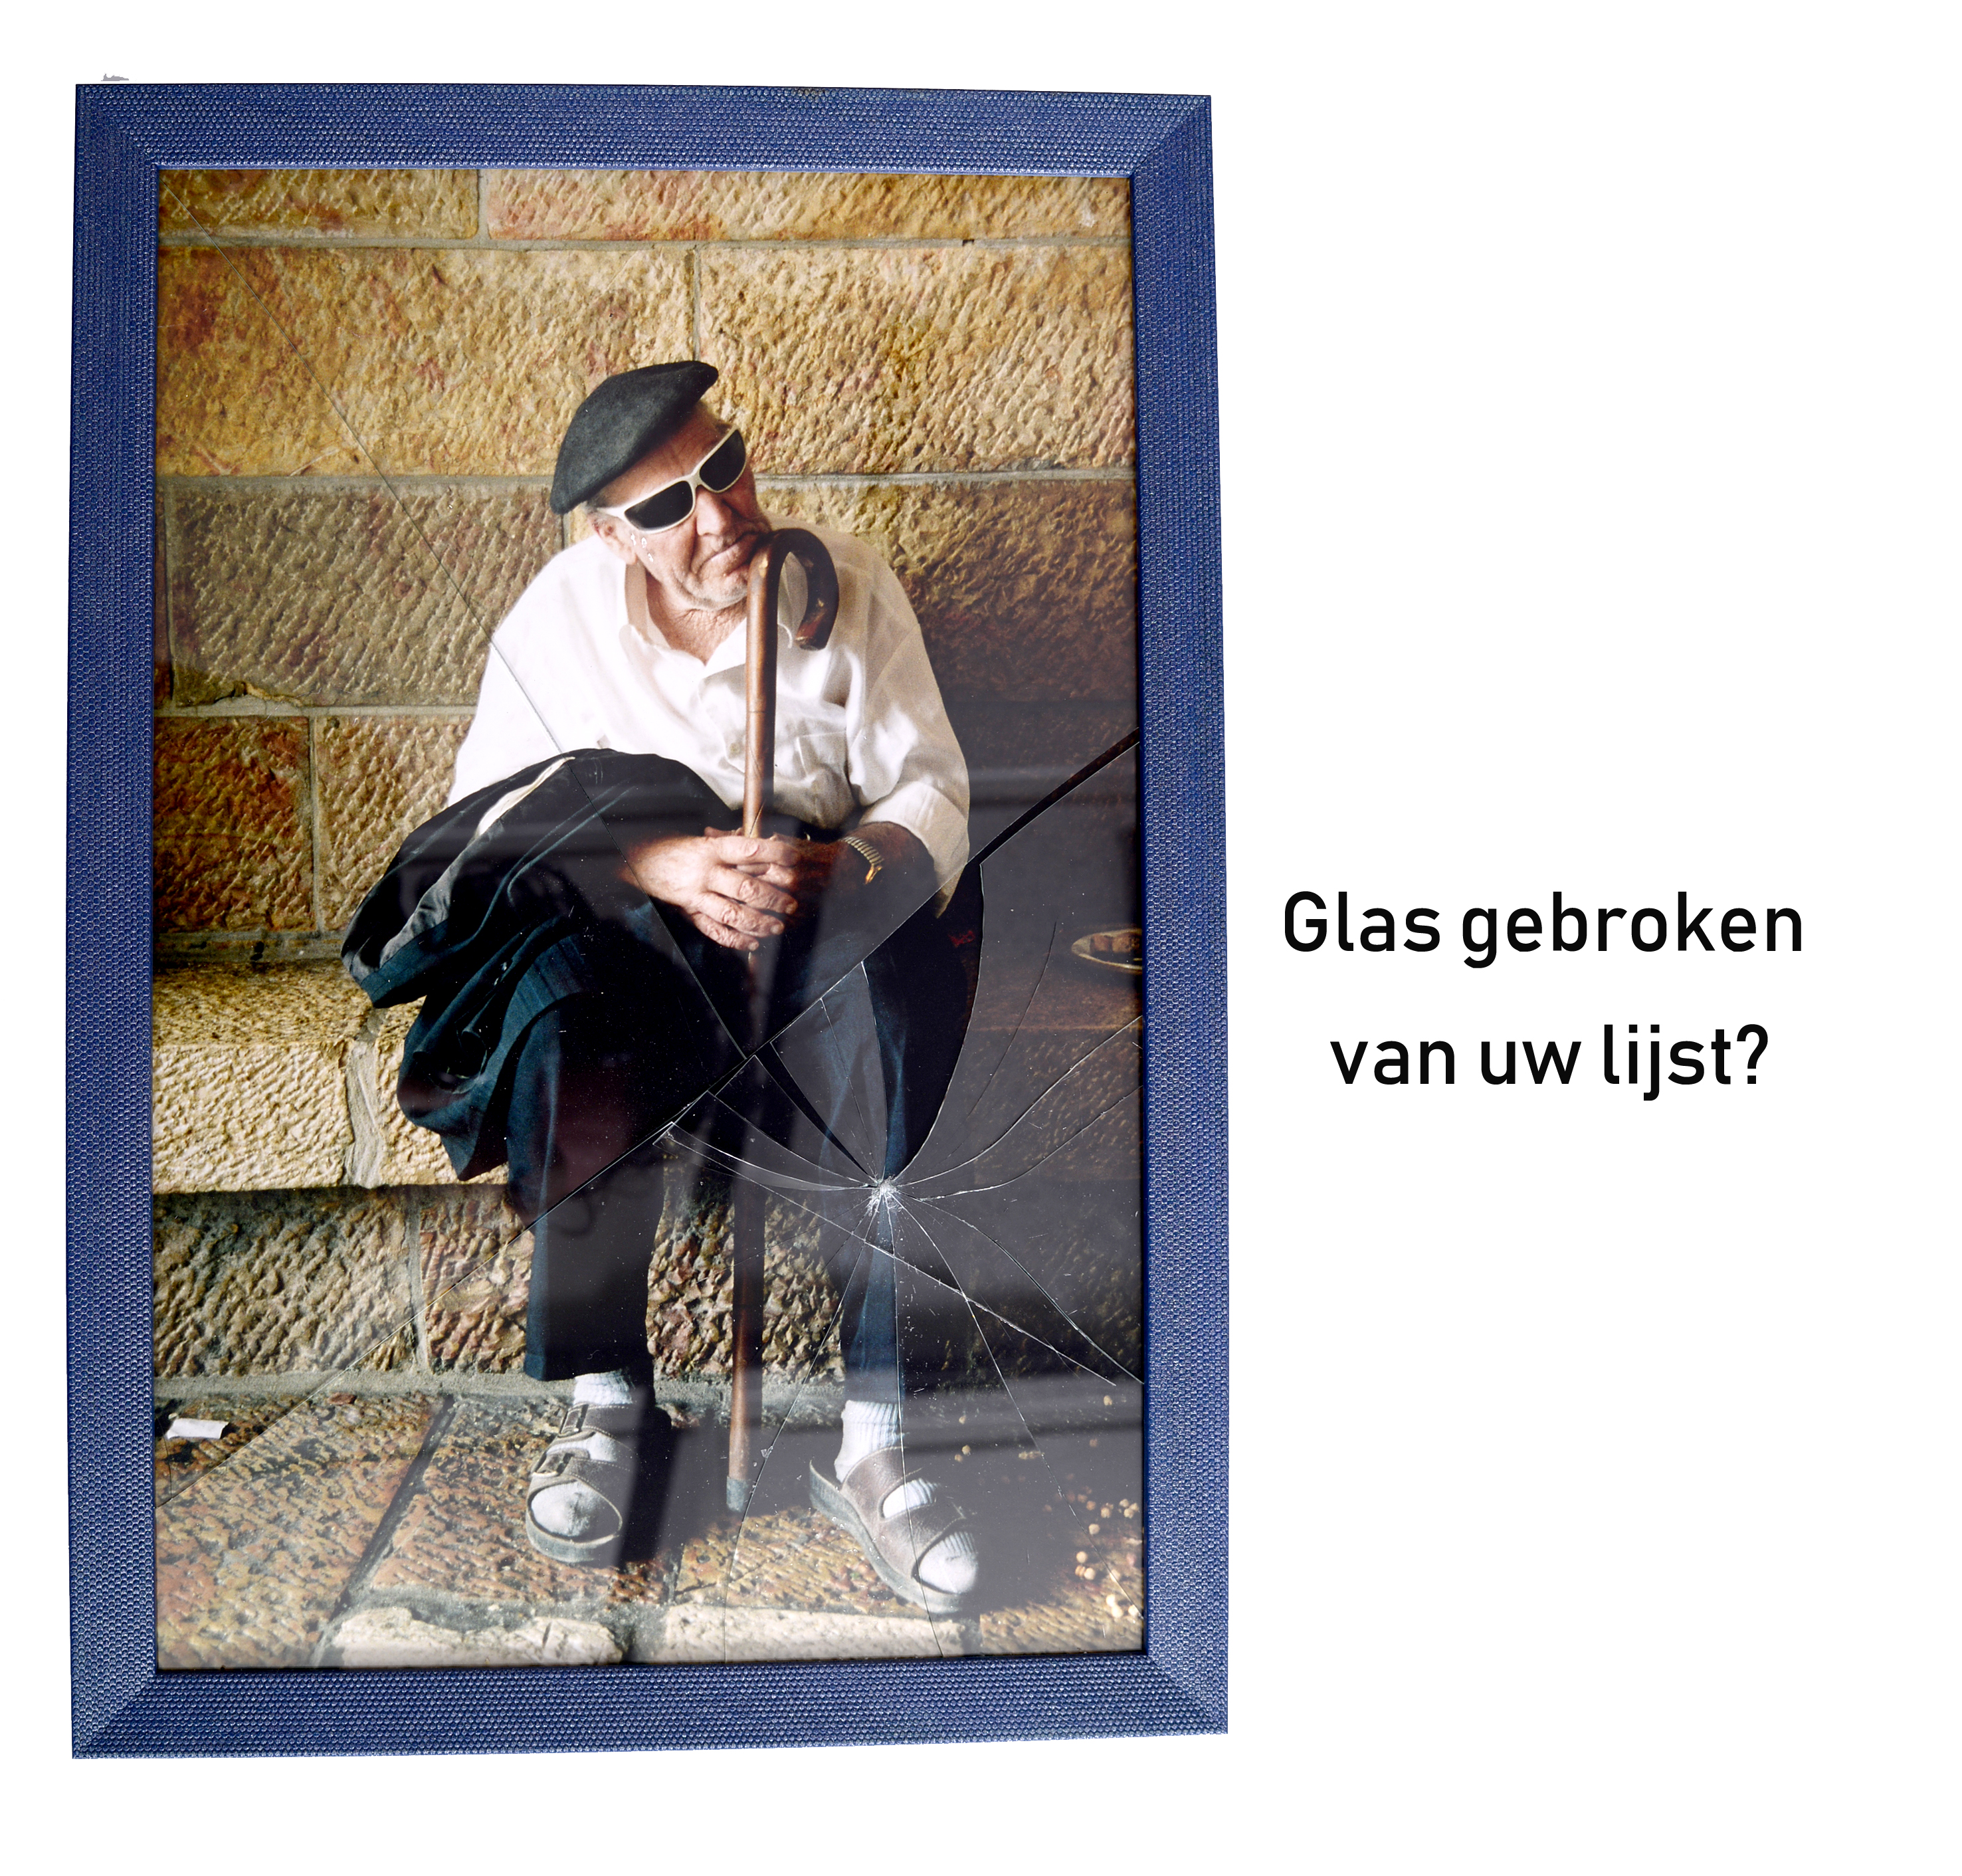 Fotolijstjes Pasfoto Formaat.Glasplaat Op Maat Voor Uw Lijst Meijboom Fotografie En Lijsten